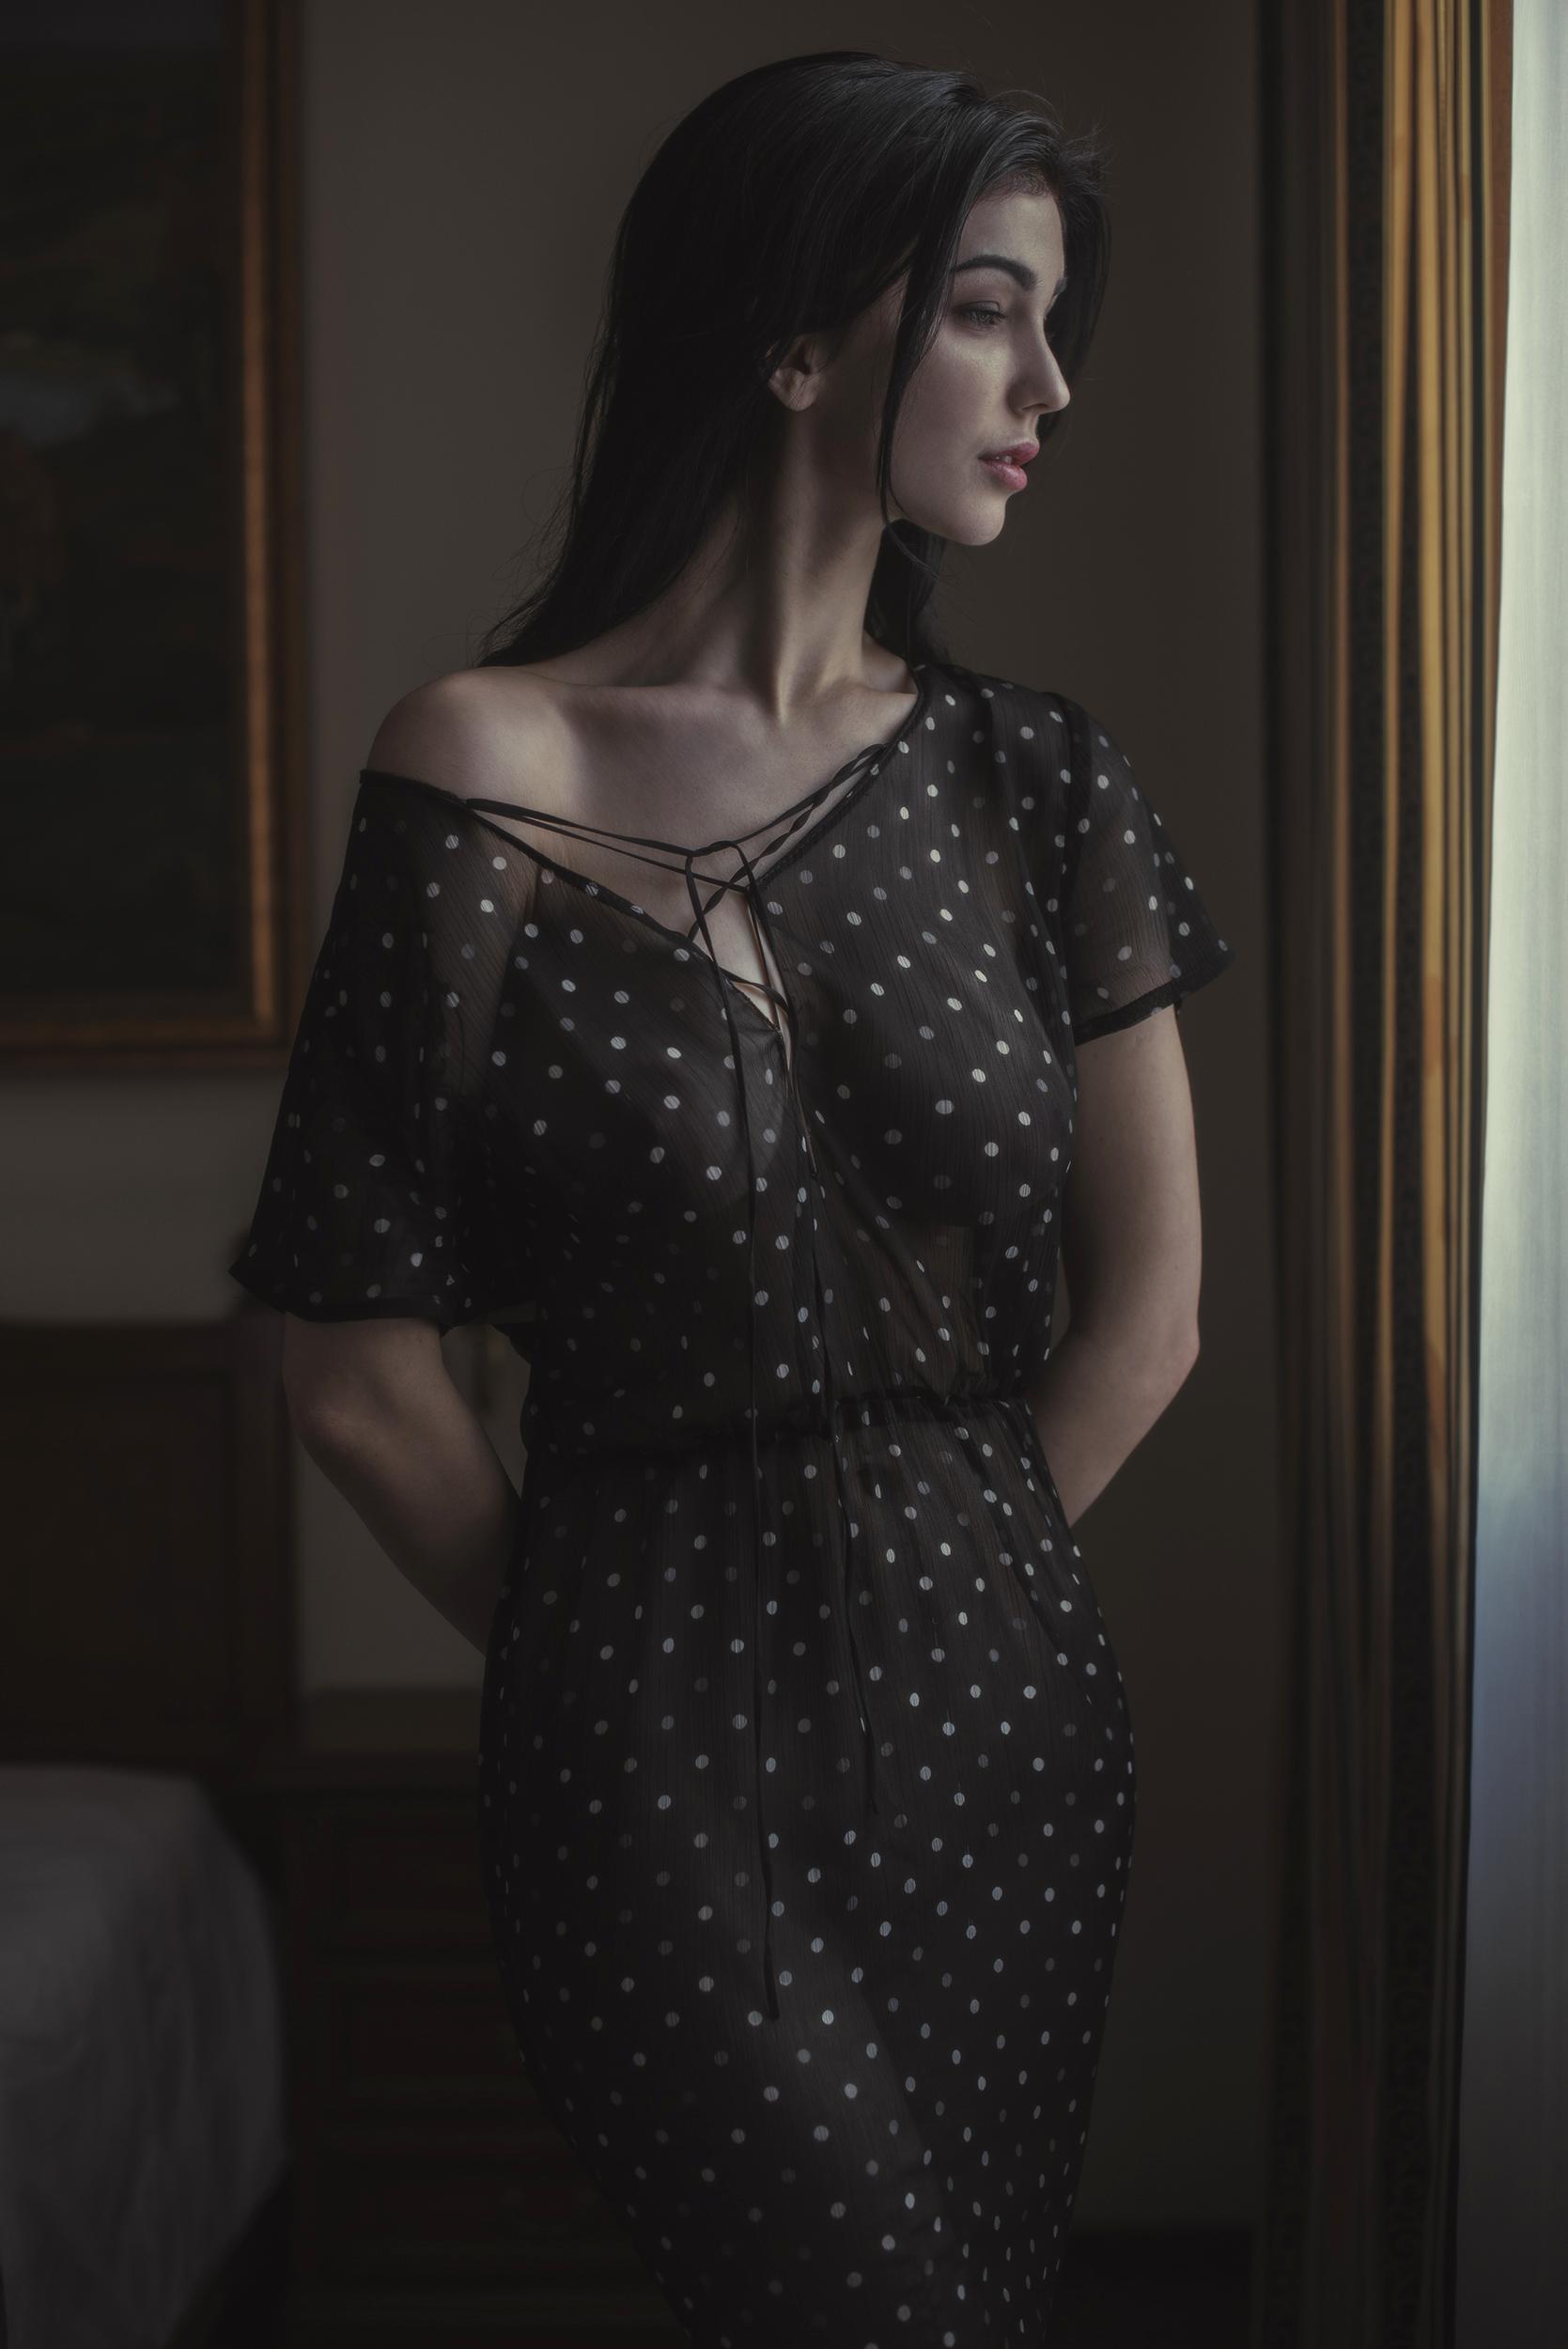 Платье в горошек / фотограф Давид Дубницкий